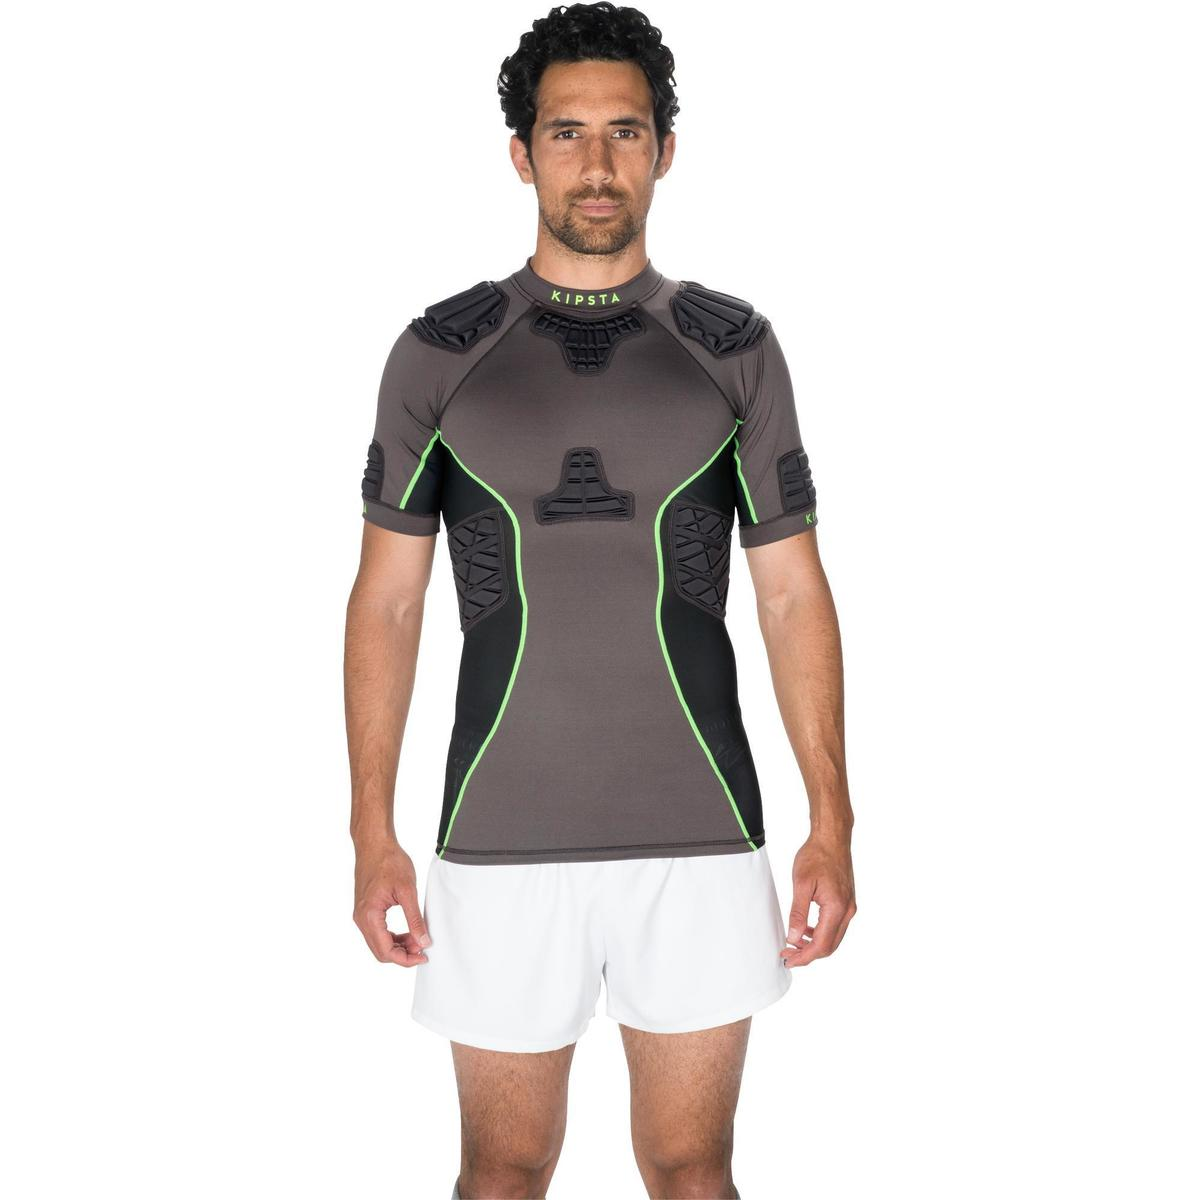 Bild 2 von Rugby-Schulterschutz Full H 900 Erwachsene grau/grün